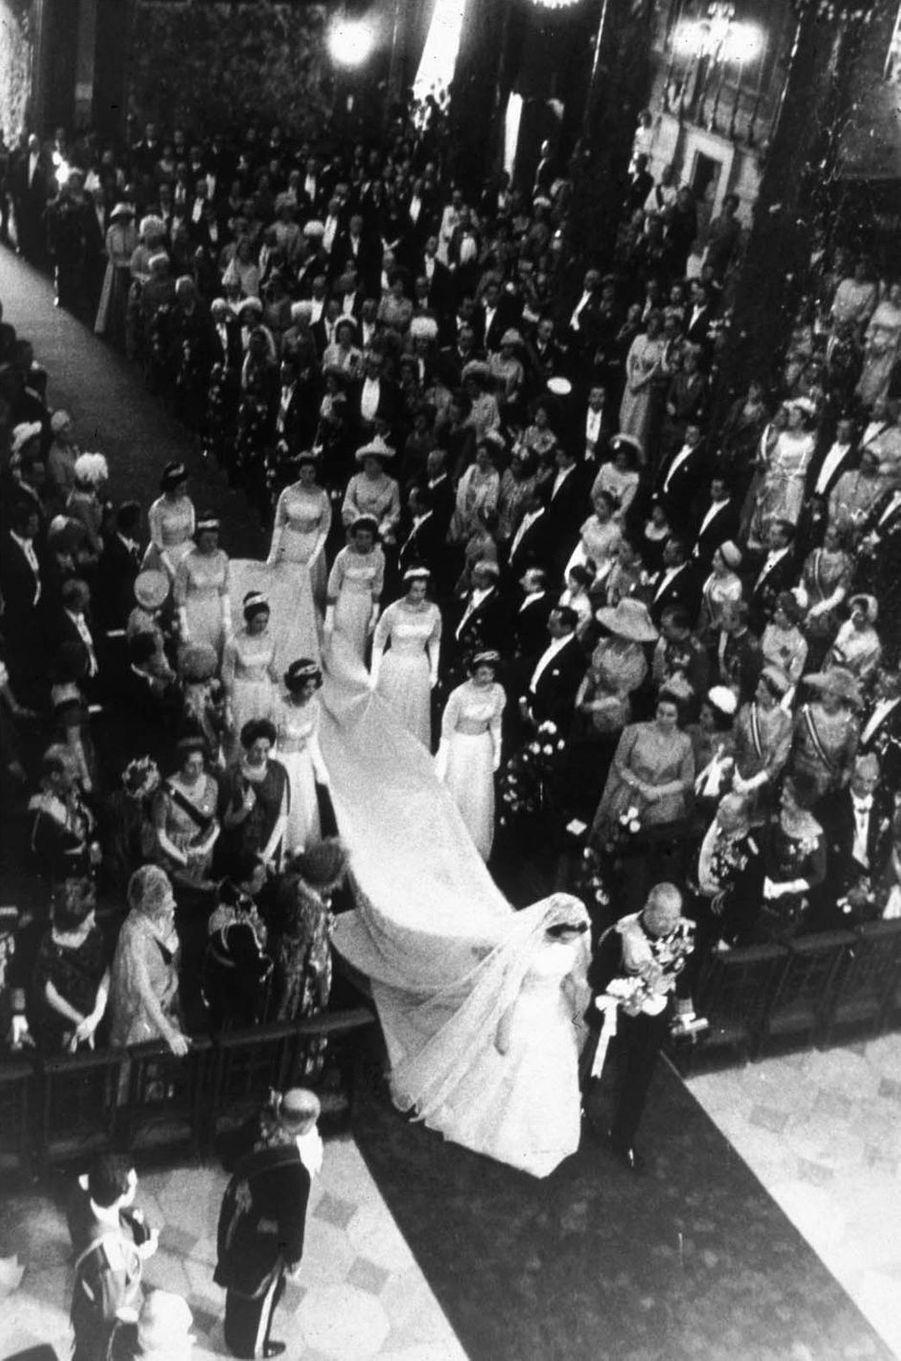 Au mariage de la princesse Sophie de Grèce (future reine Sofia) et de Don Juan Carlos d'Espagne à Athènes, le 14 mai 1962